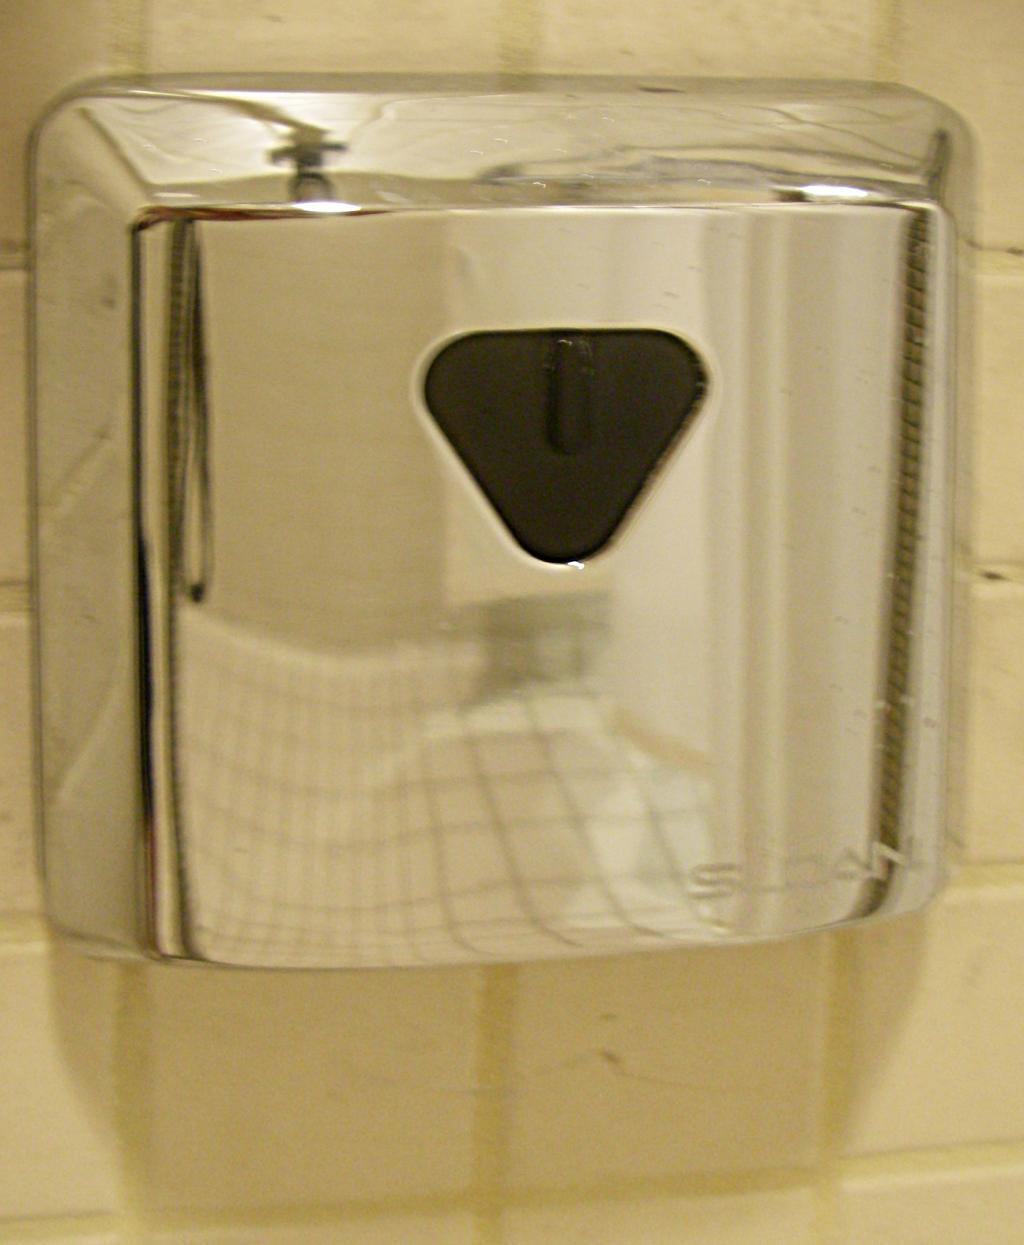 Install Shower Wall Valve